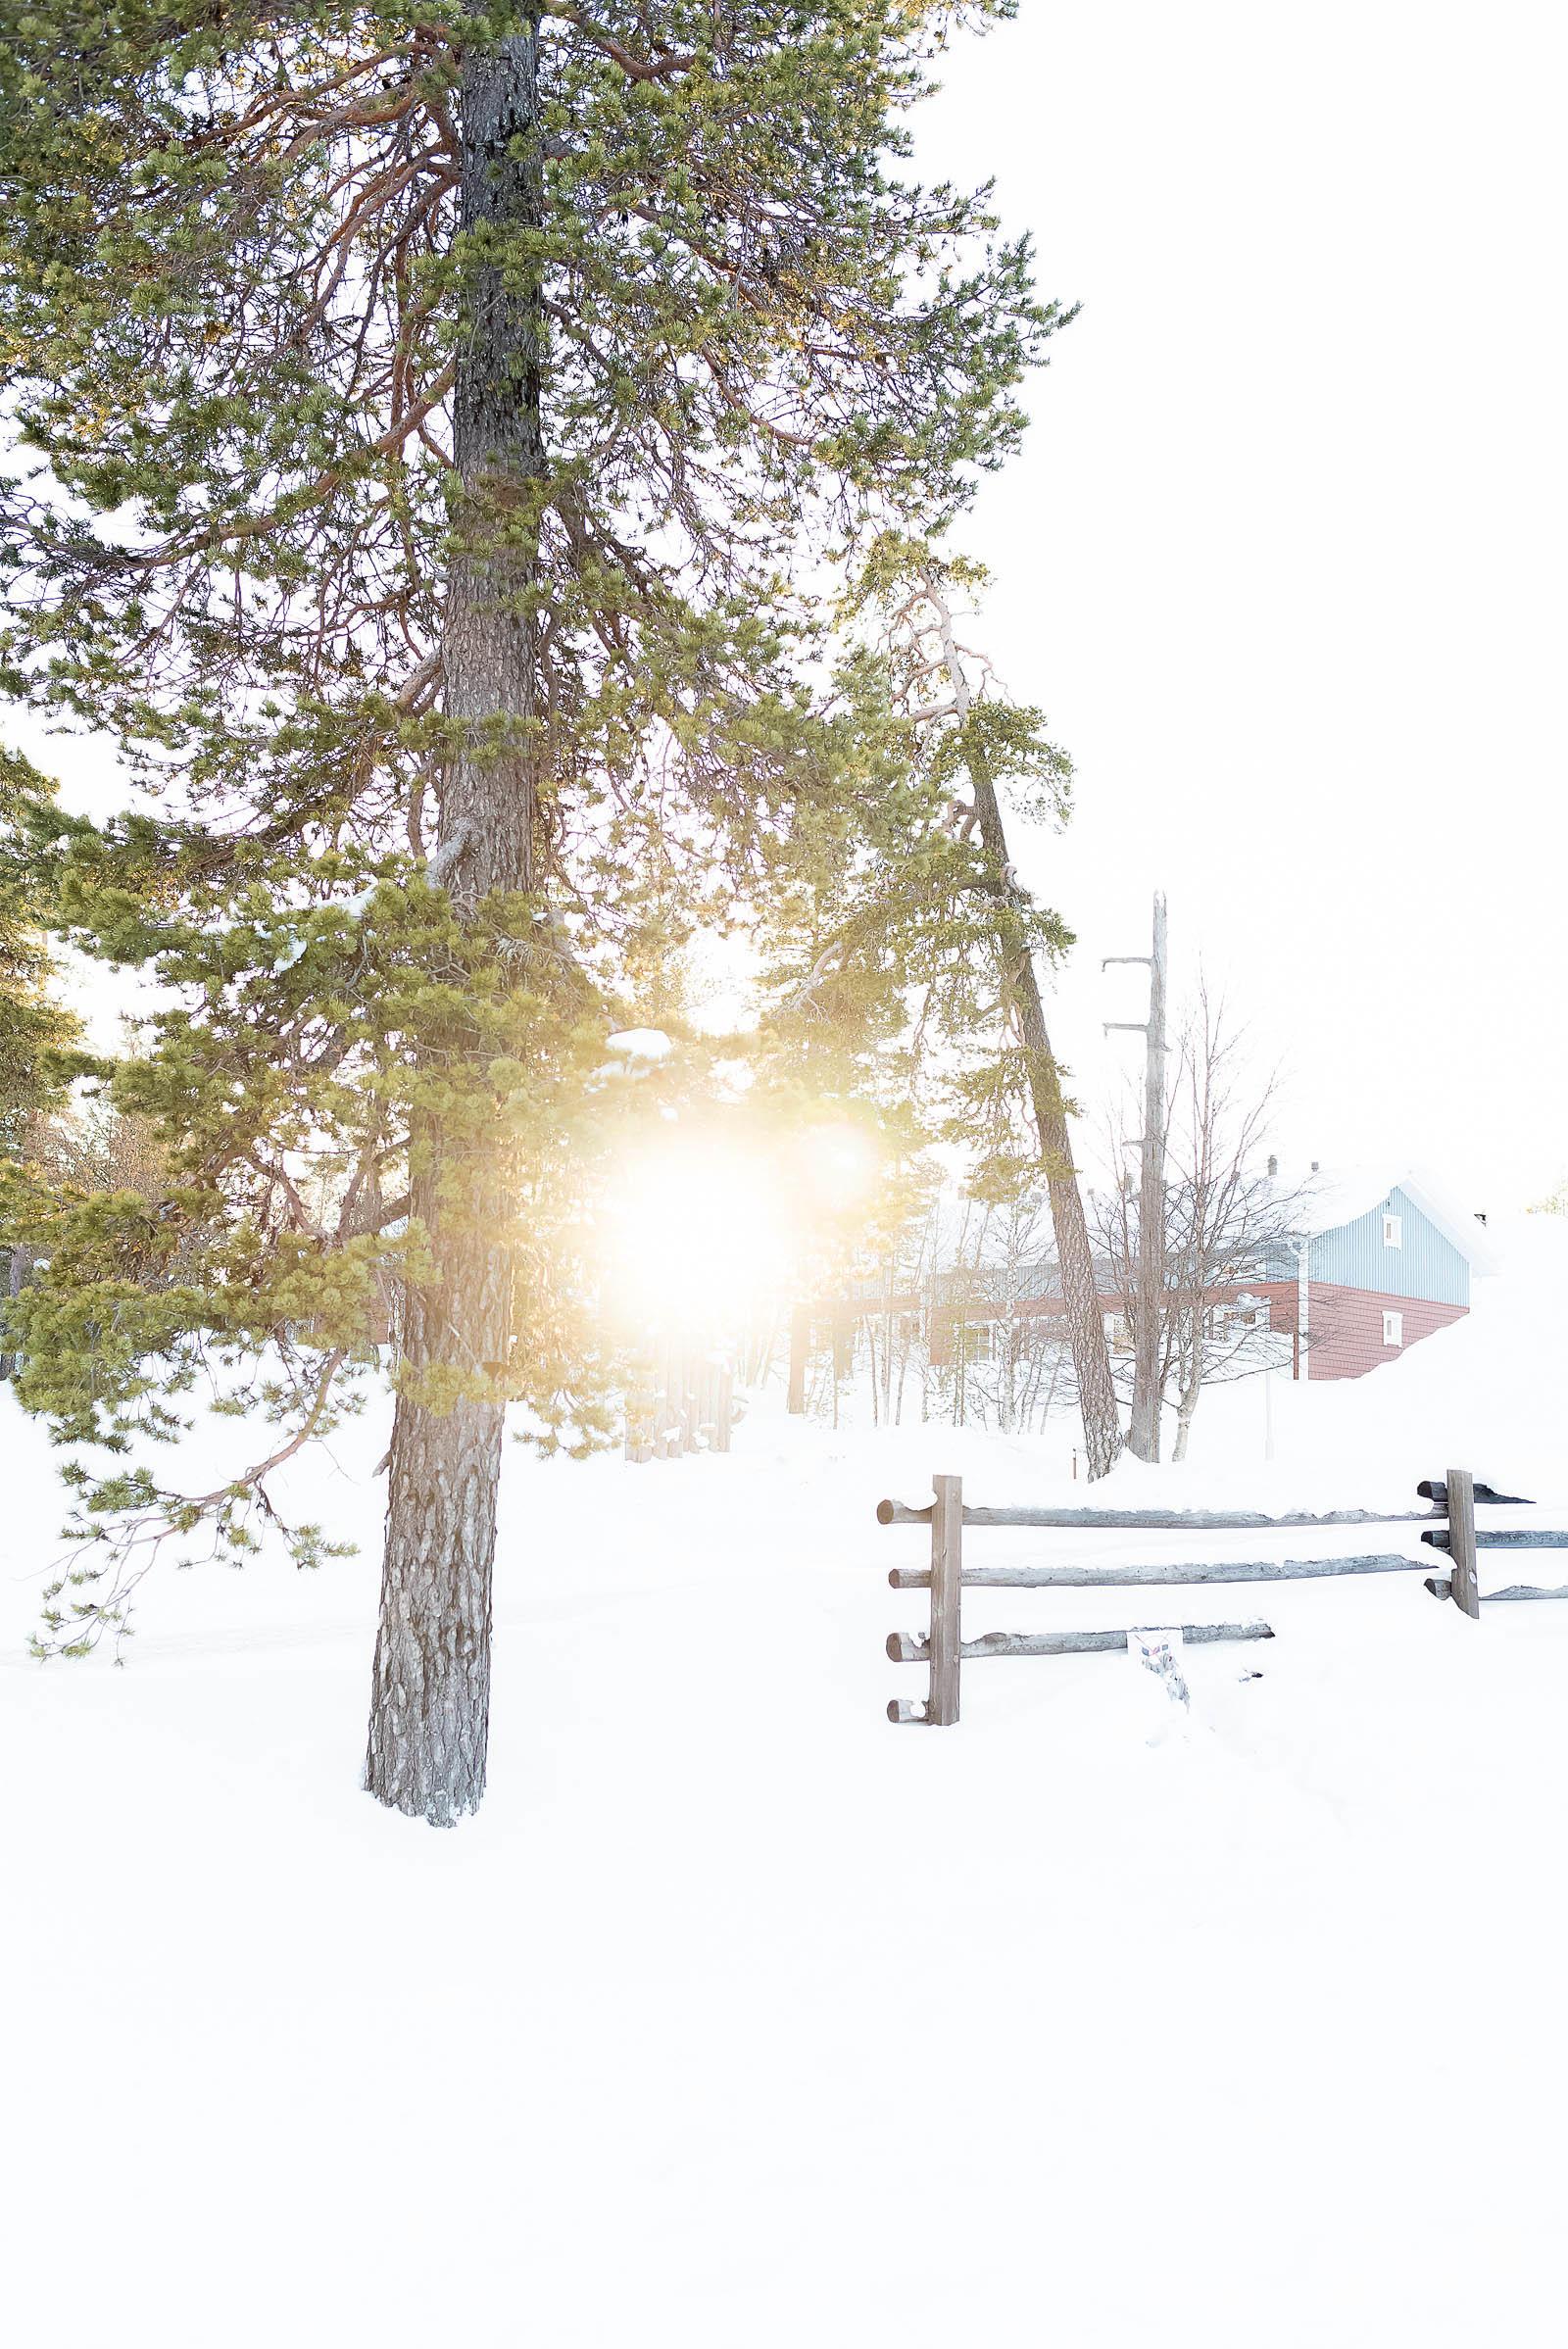 Hotel Riekonlinna Inari Saariselkä Lapland Safaris Cross Country Skiing